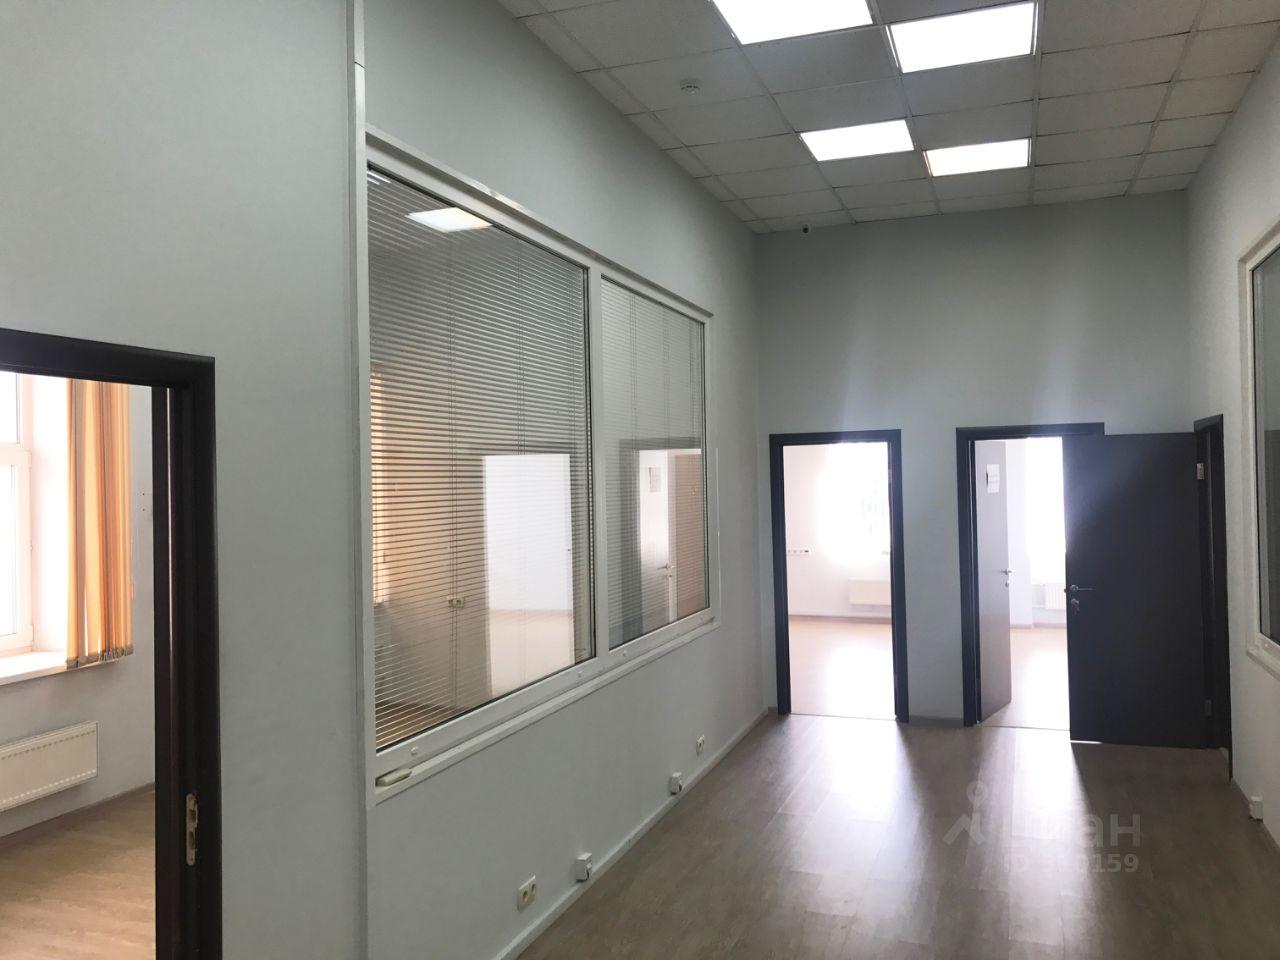 Прямая аренда офиса в районе м.третьяковская Аренда офиса Донелайтиса проезд